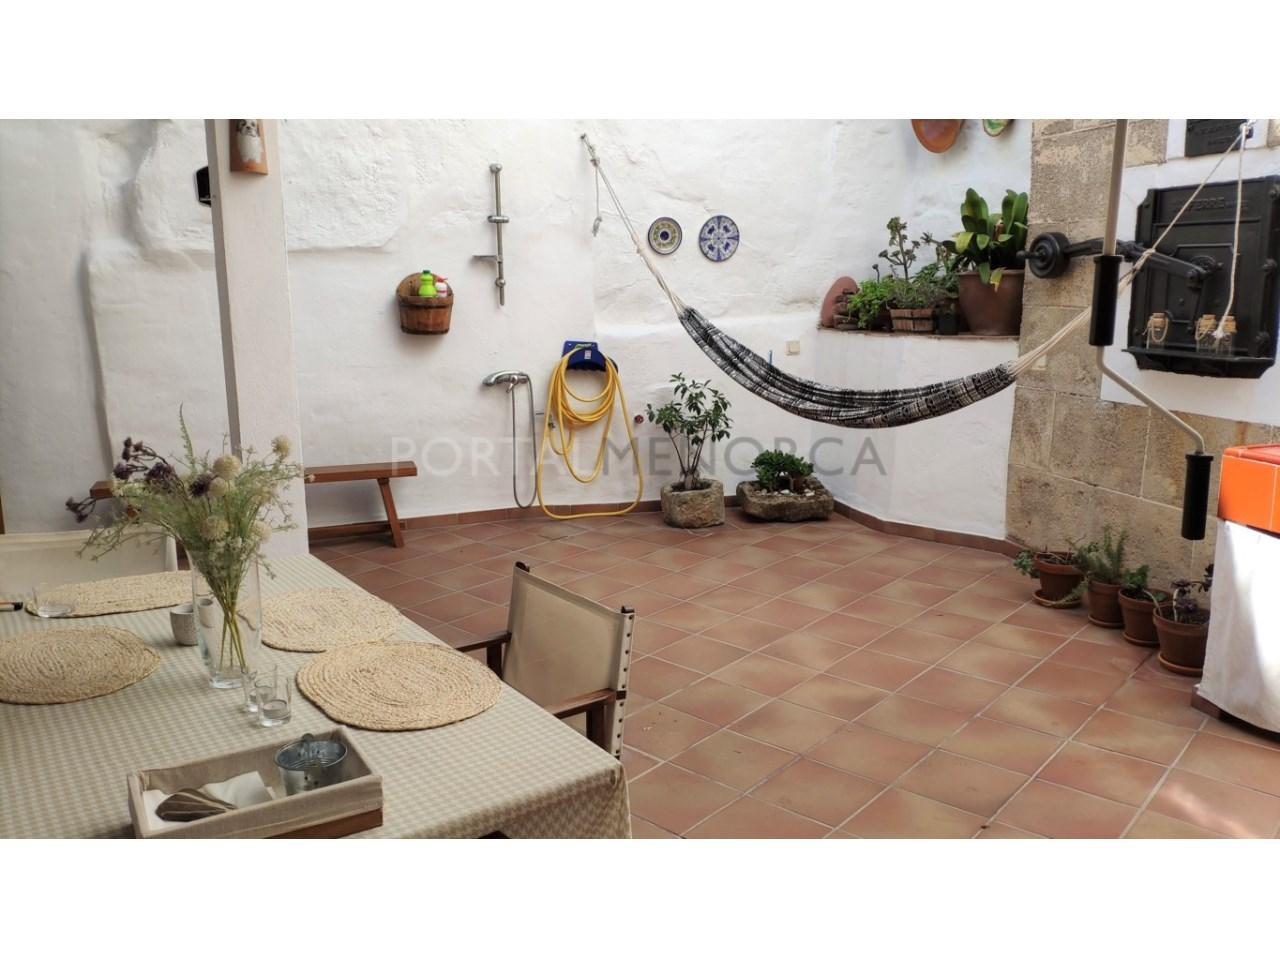 Casa con patio en venta en el casco histórico de Ciutadella - patio 1